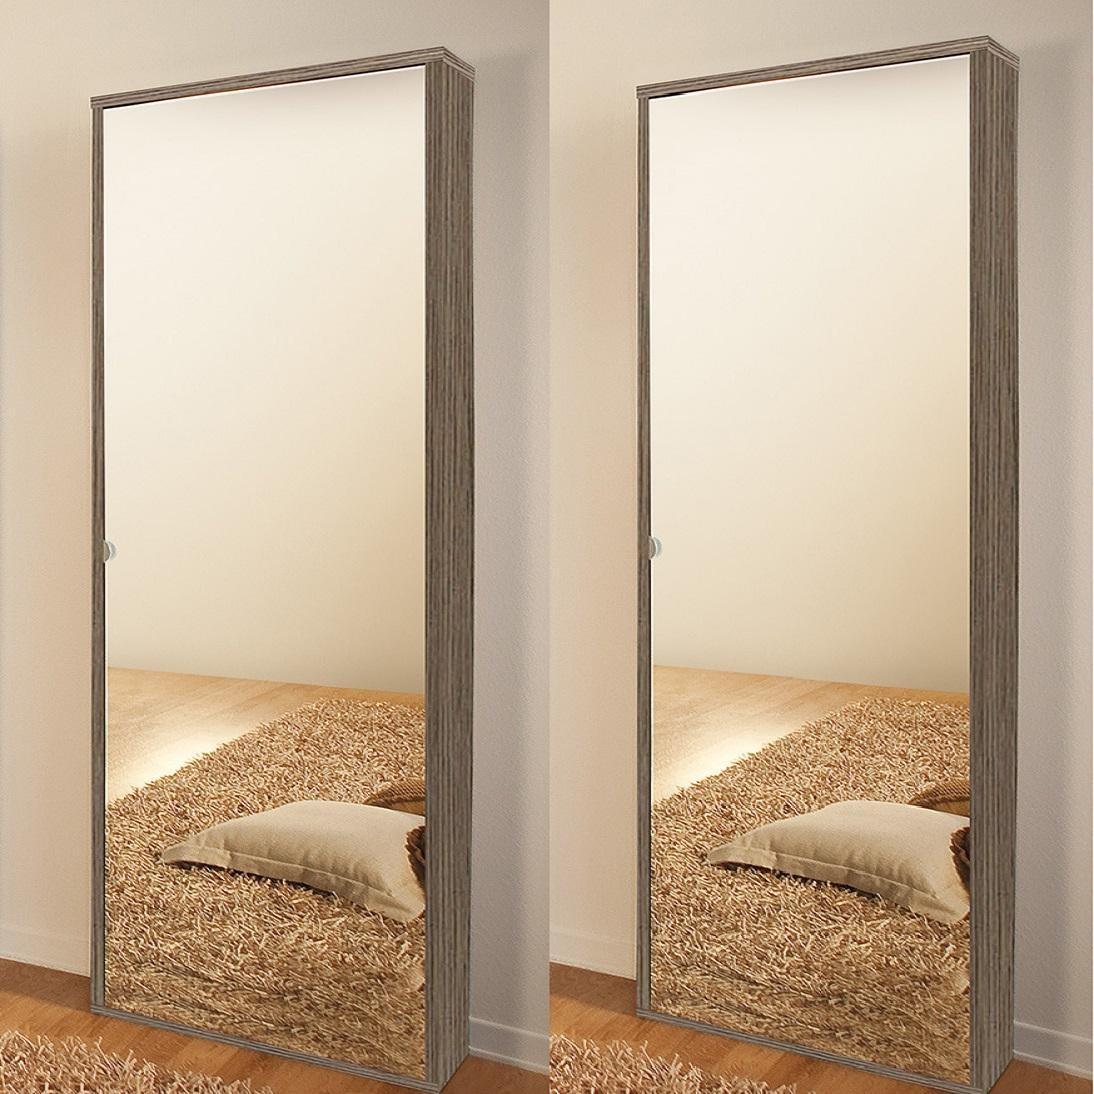 Scarpiera Specchio Modello Nettuno - Arredo Casa FVG